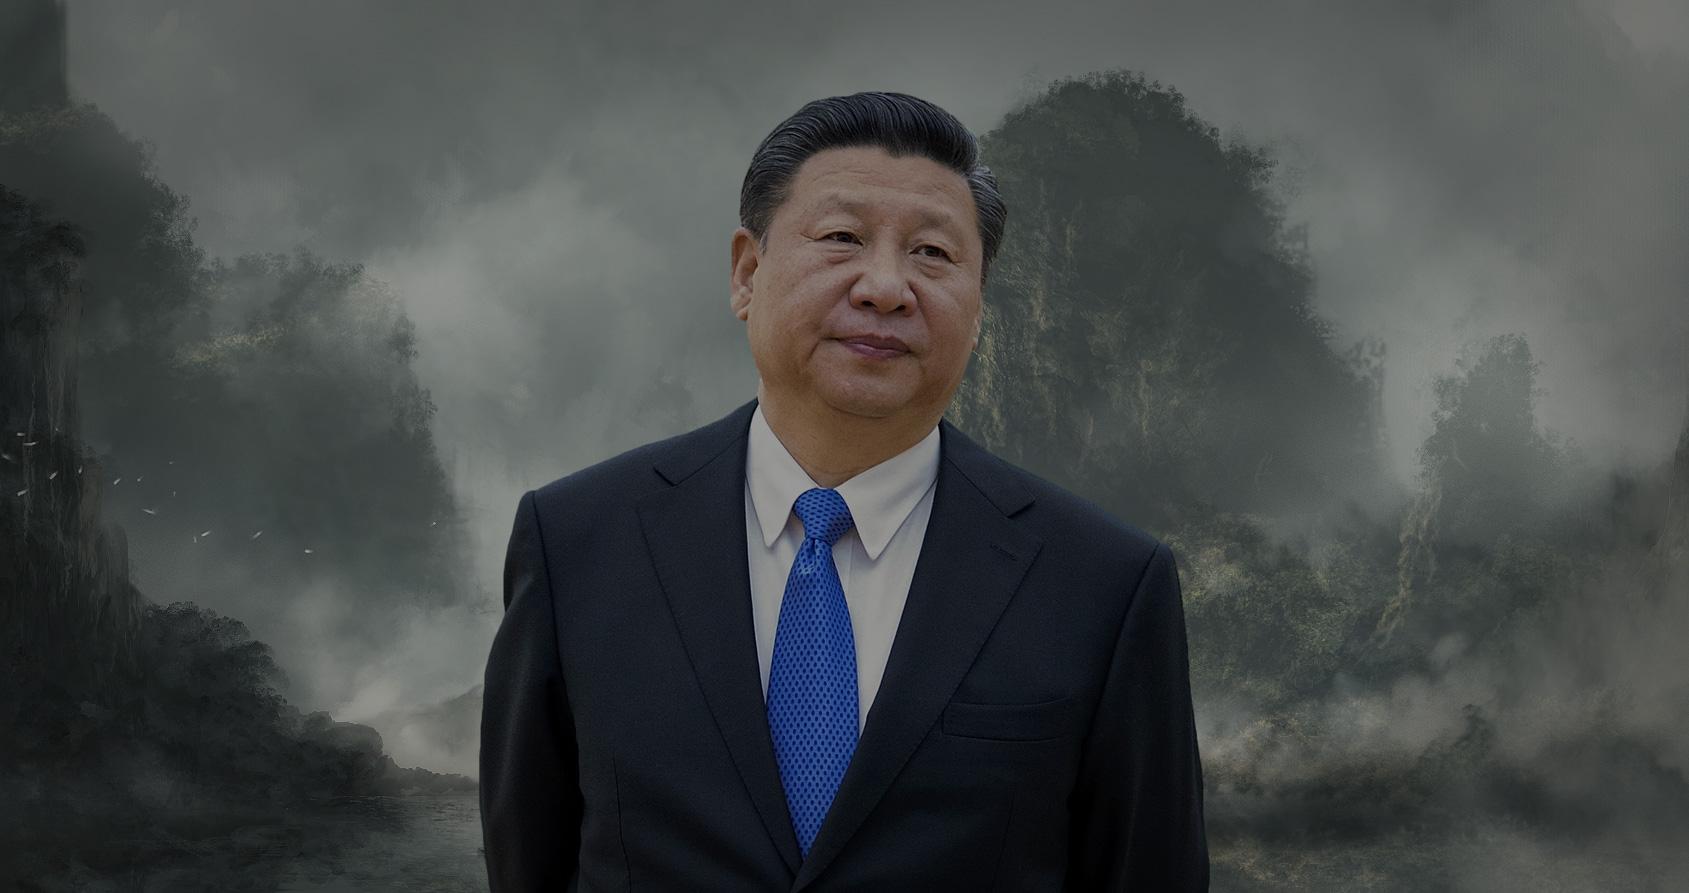 La Chine doit-elle se préparer au règne de l'empereur Xi Jinping?